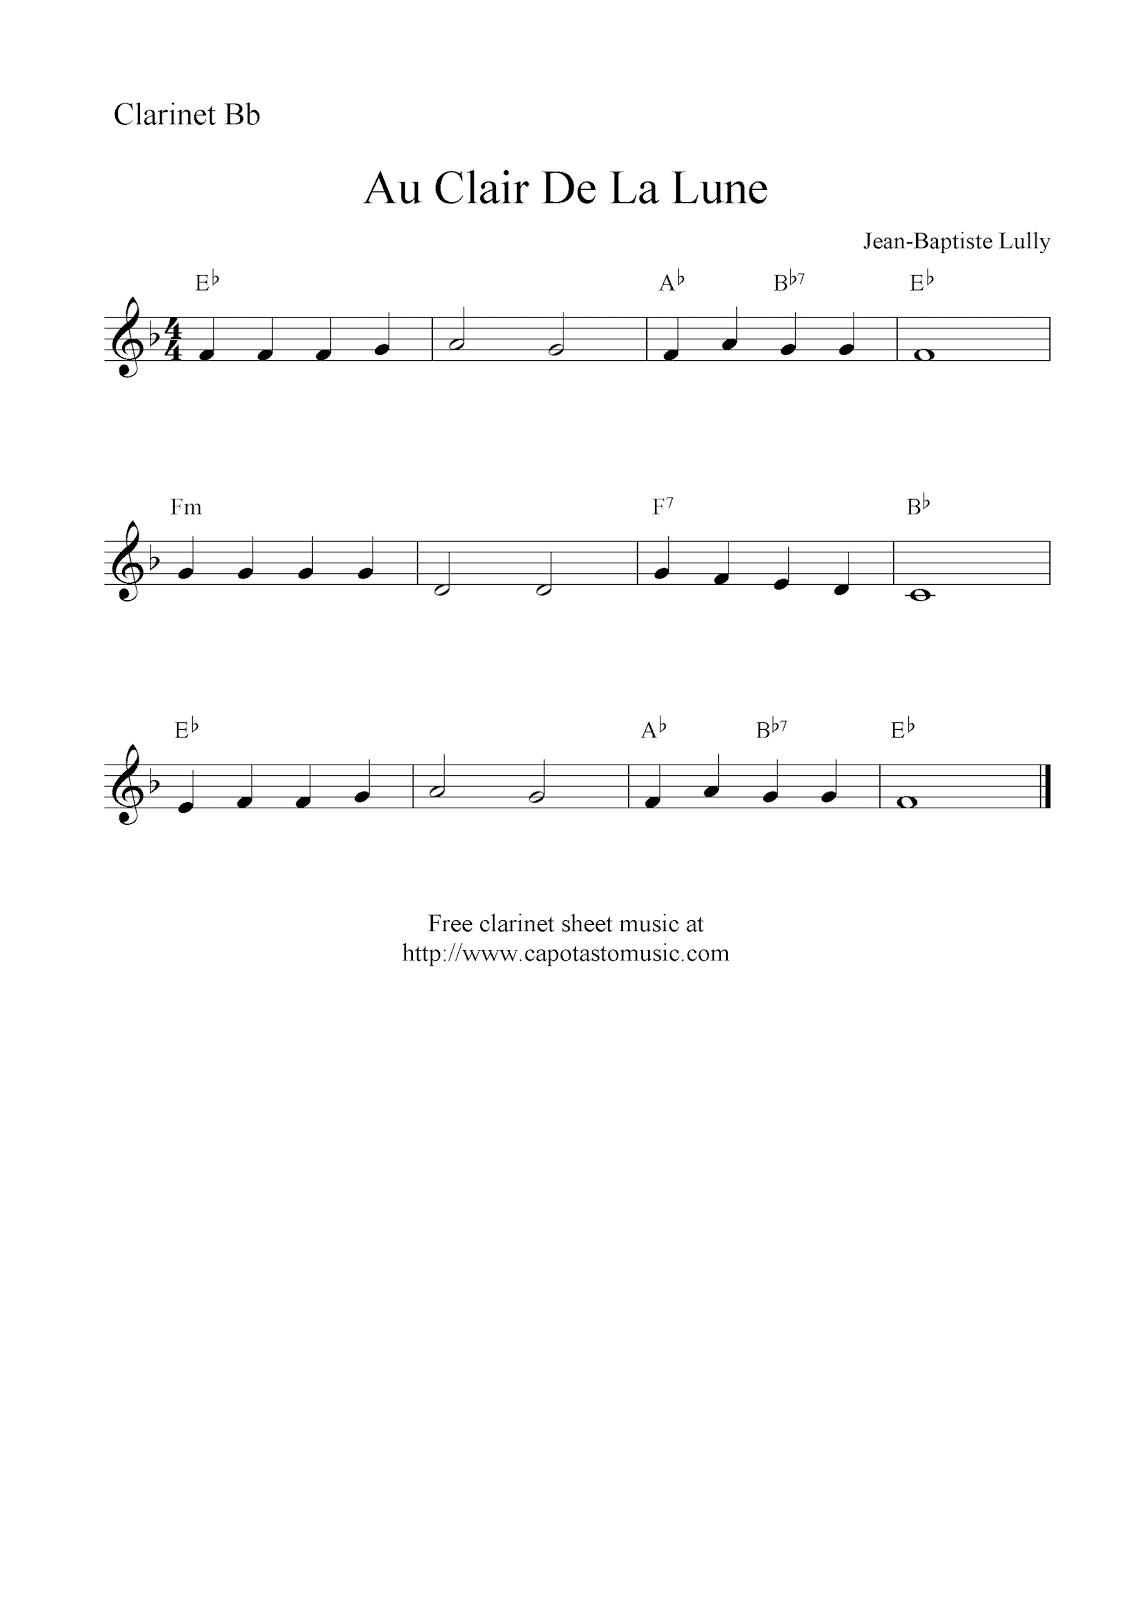 Au Clair De La Lune, free easy clarinet sheet music notes